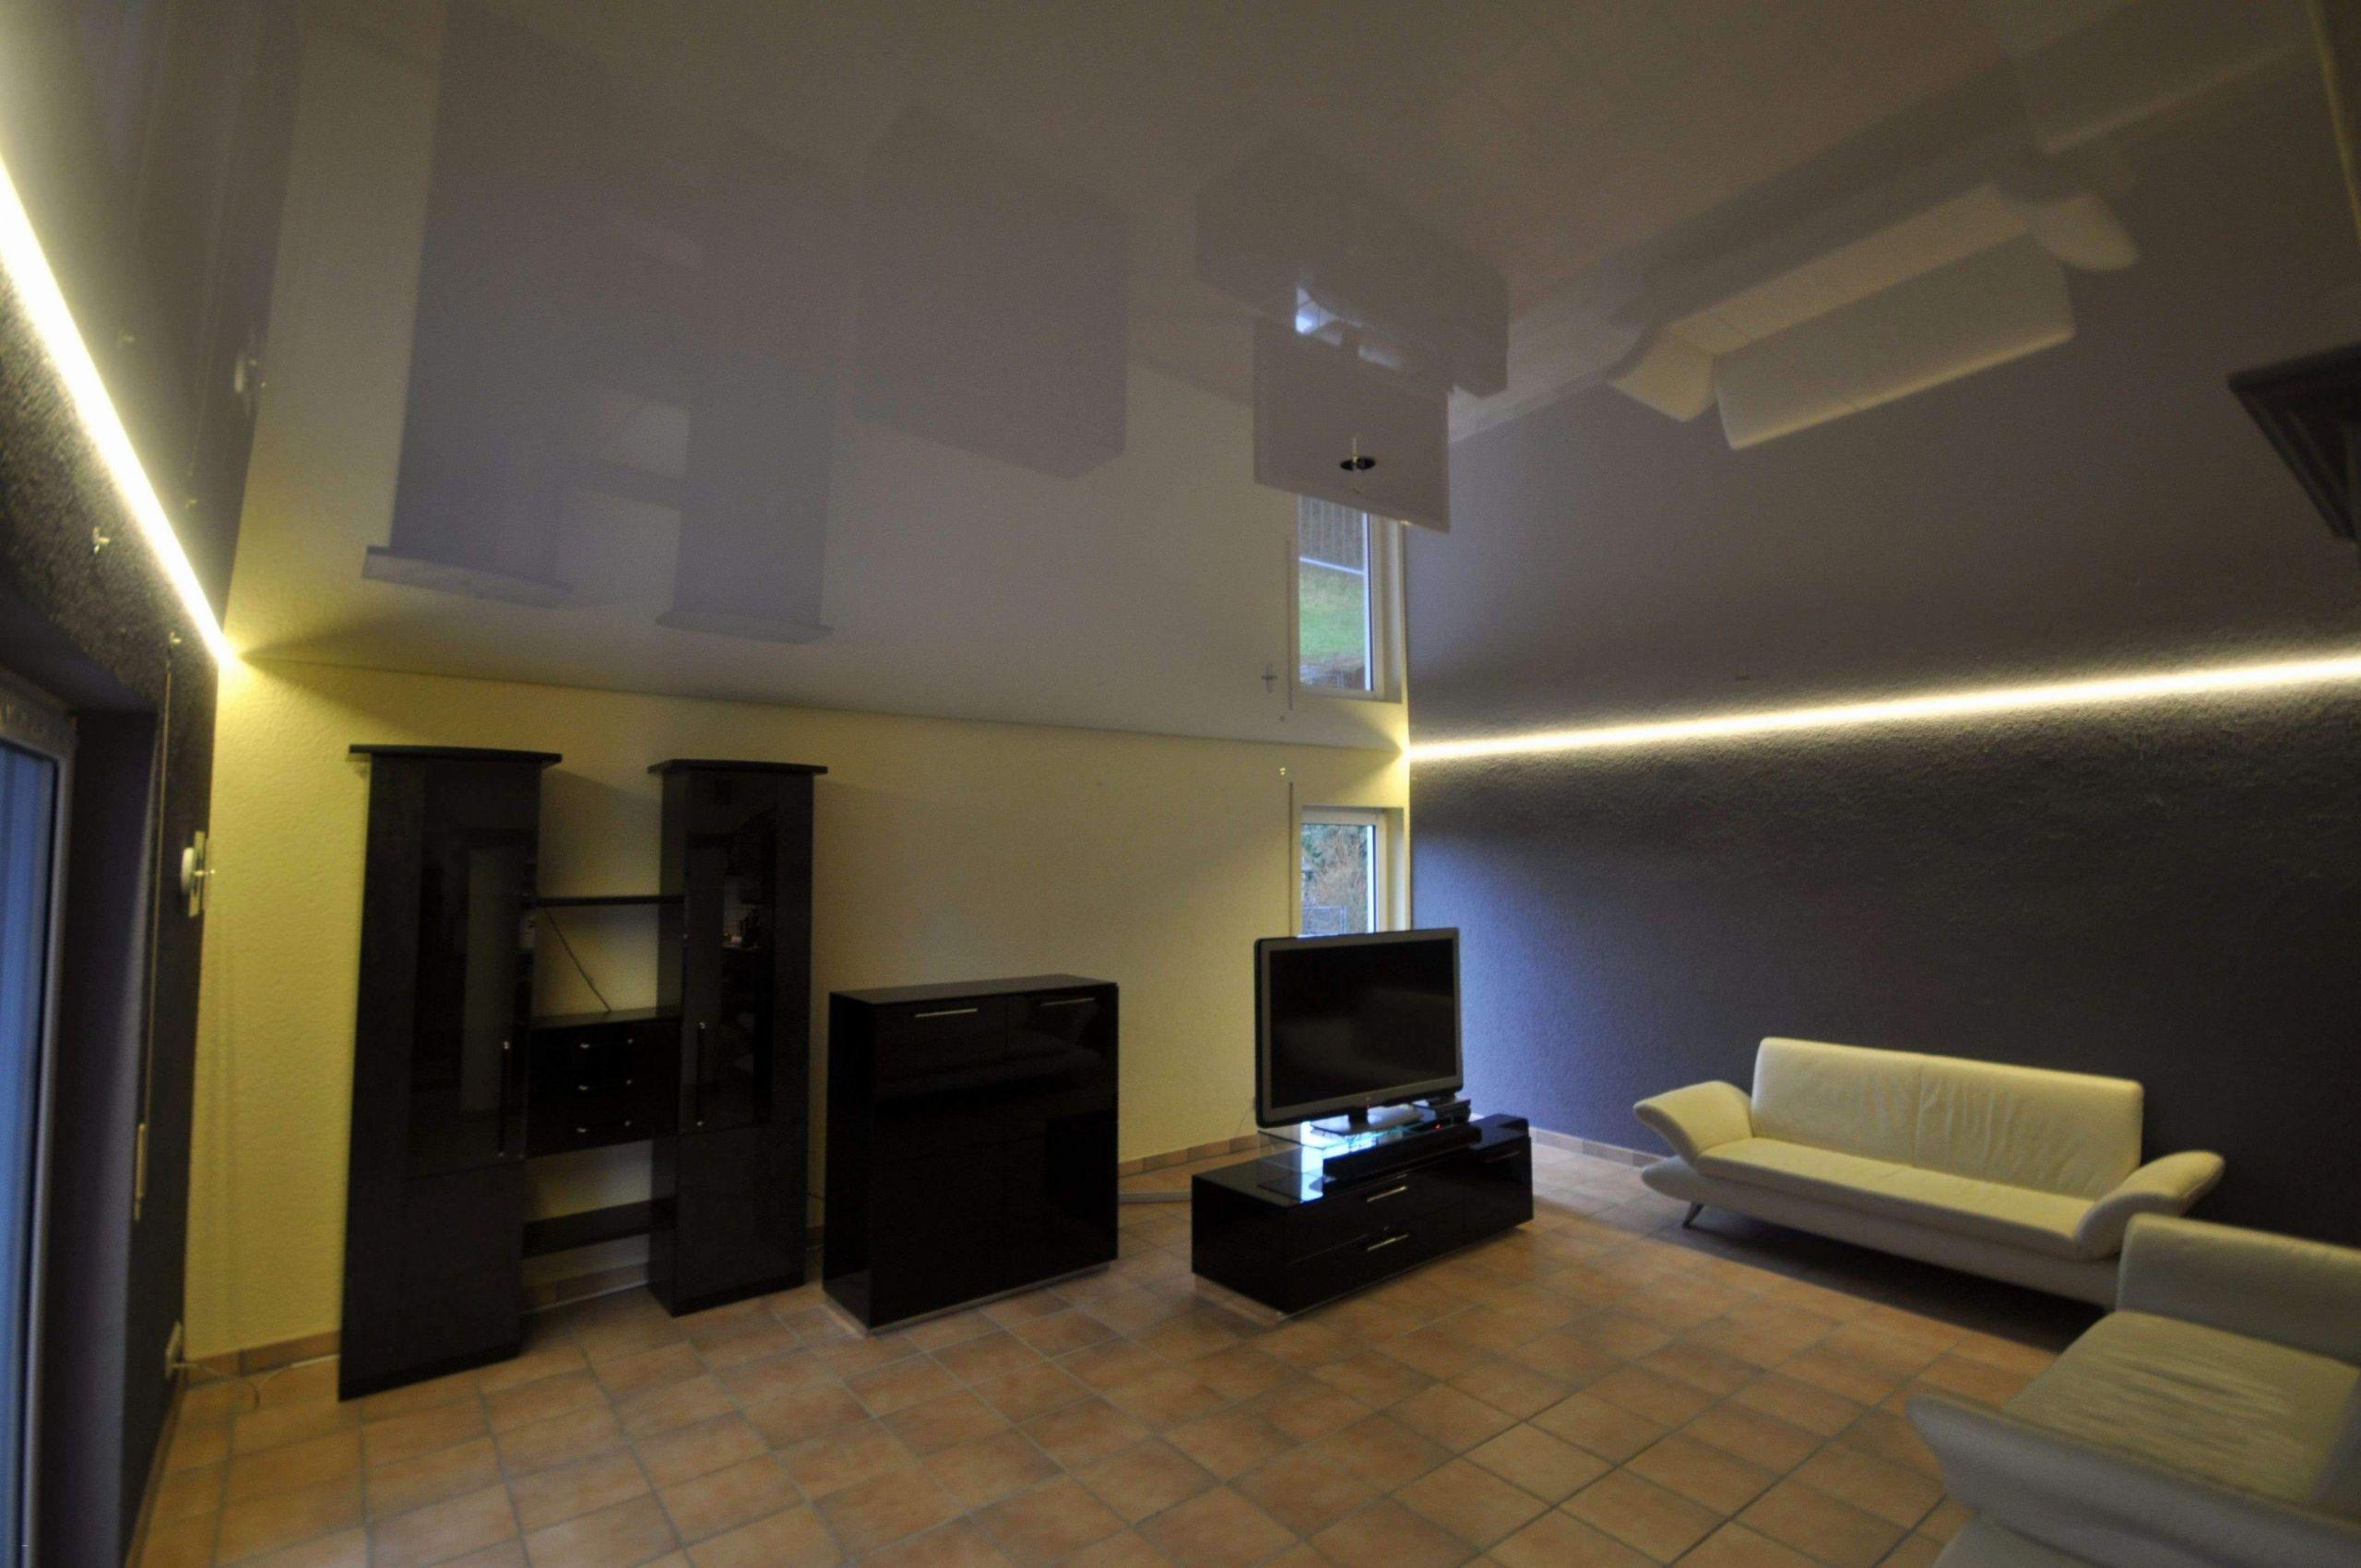 leuchten wohnzimmer elegant wohnzimmer licht 0d design ideen von wohnzimmer lampen decke of leuchten wohnzimmer